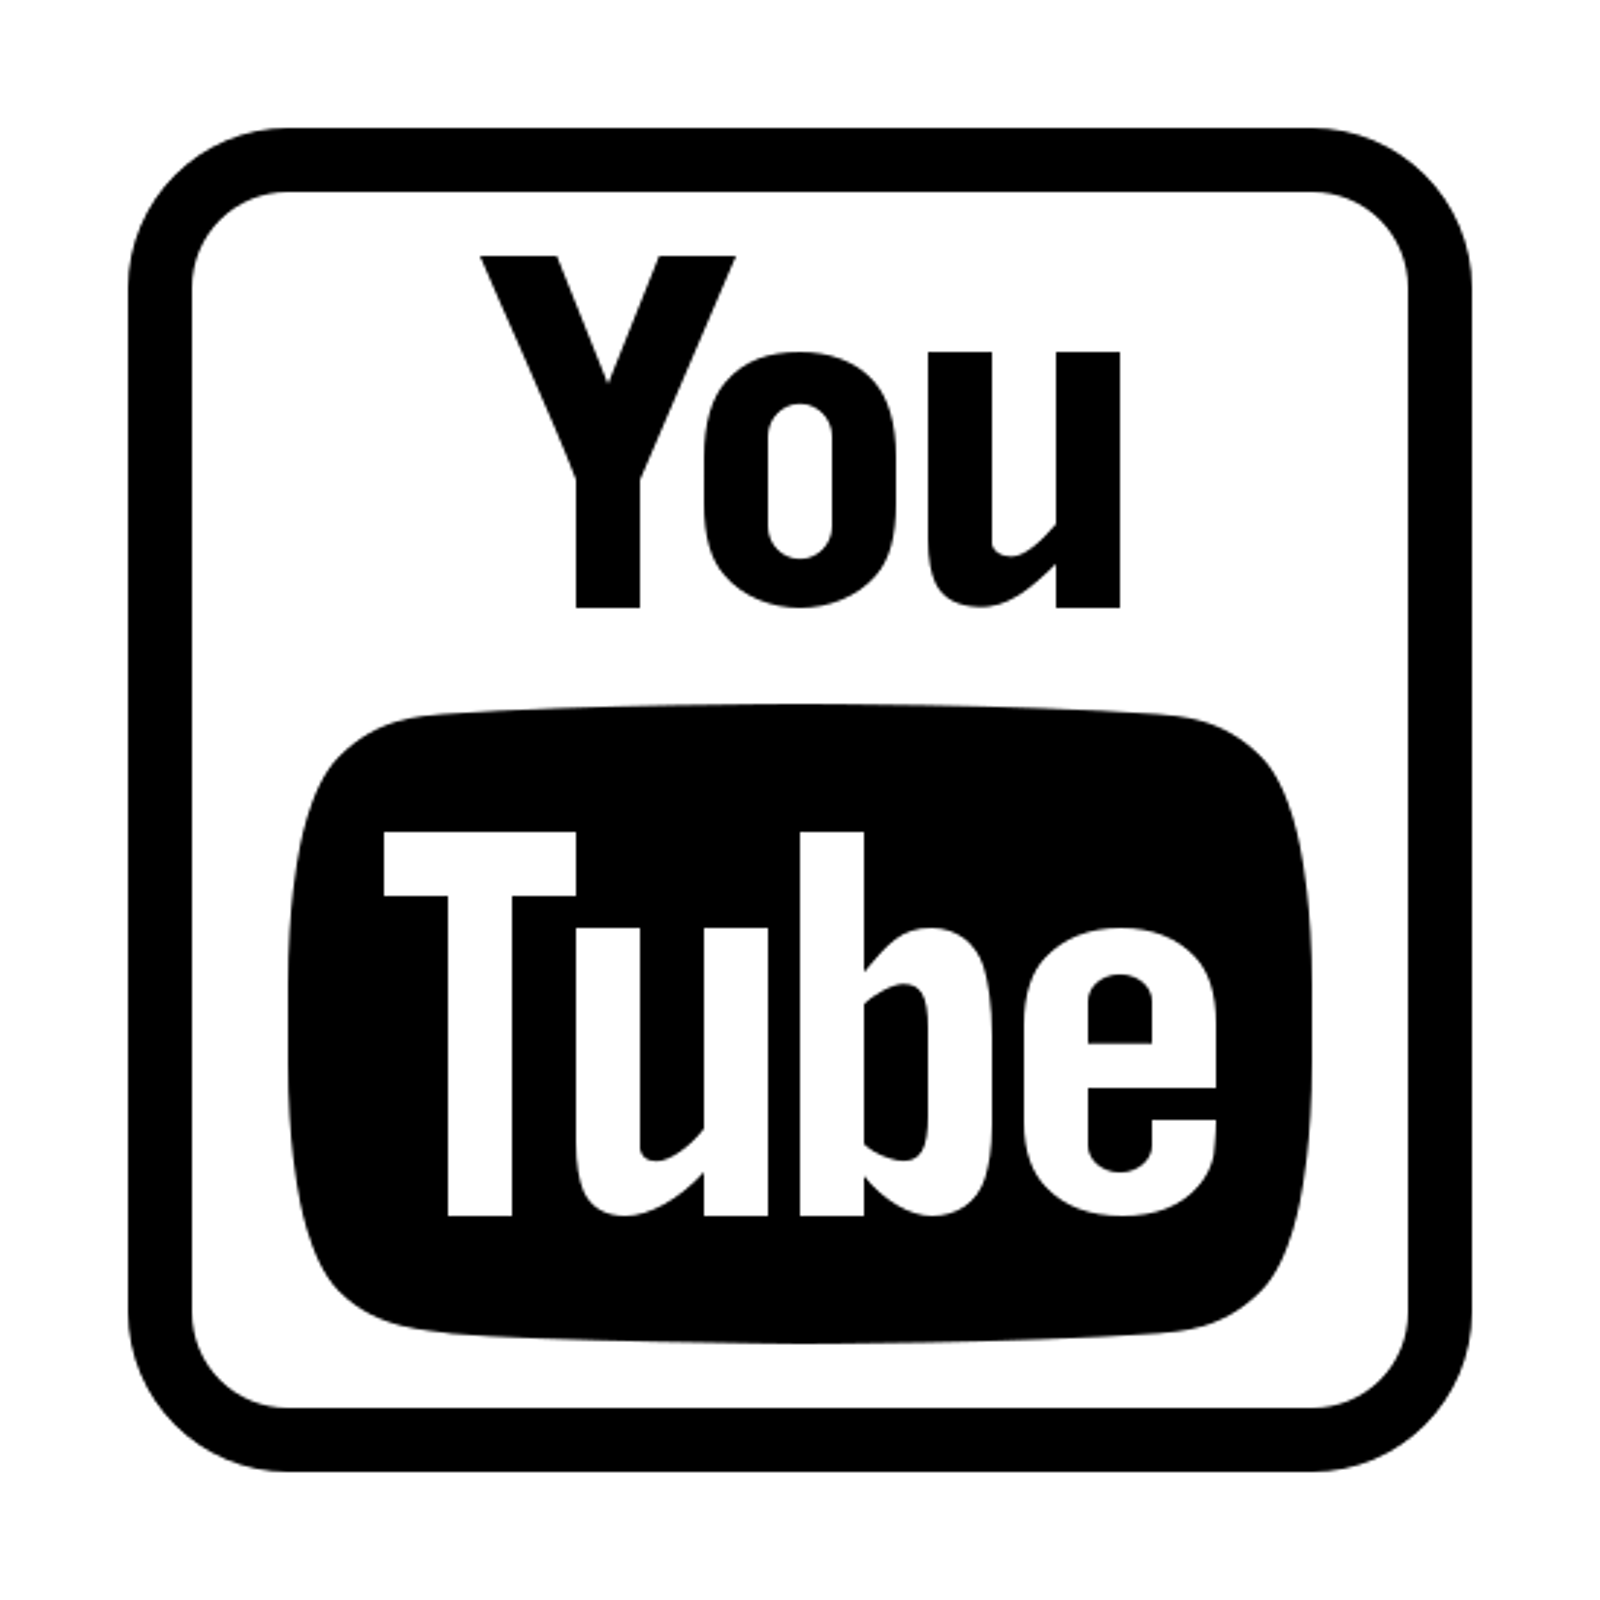 Youtube quadratisch icon